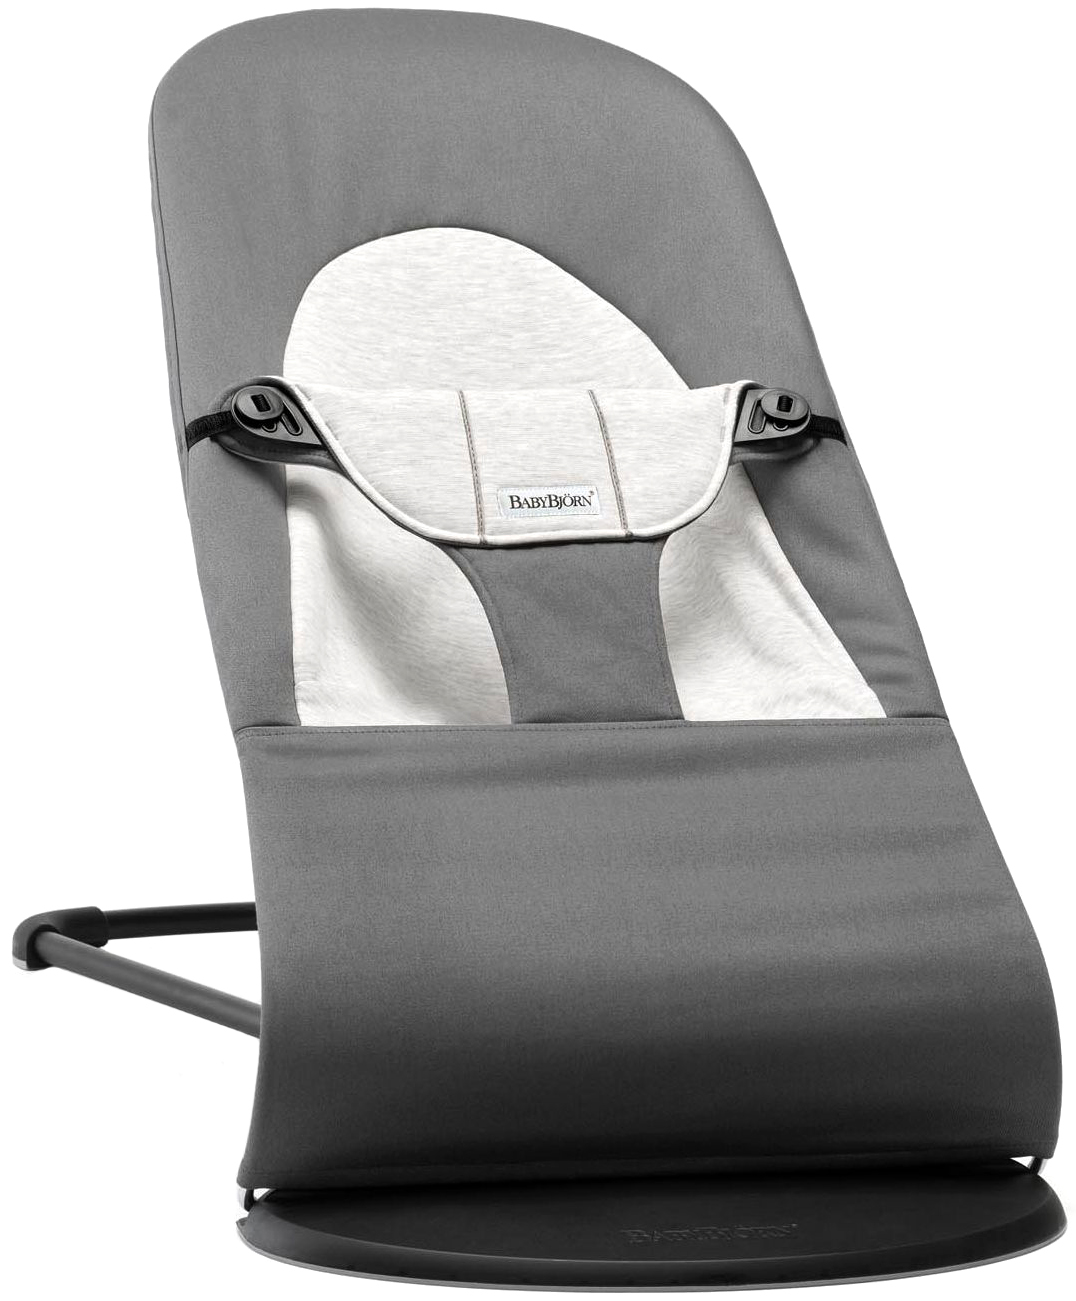 Шезлонг кресло BabyBjorn Balance Soft темно серый